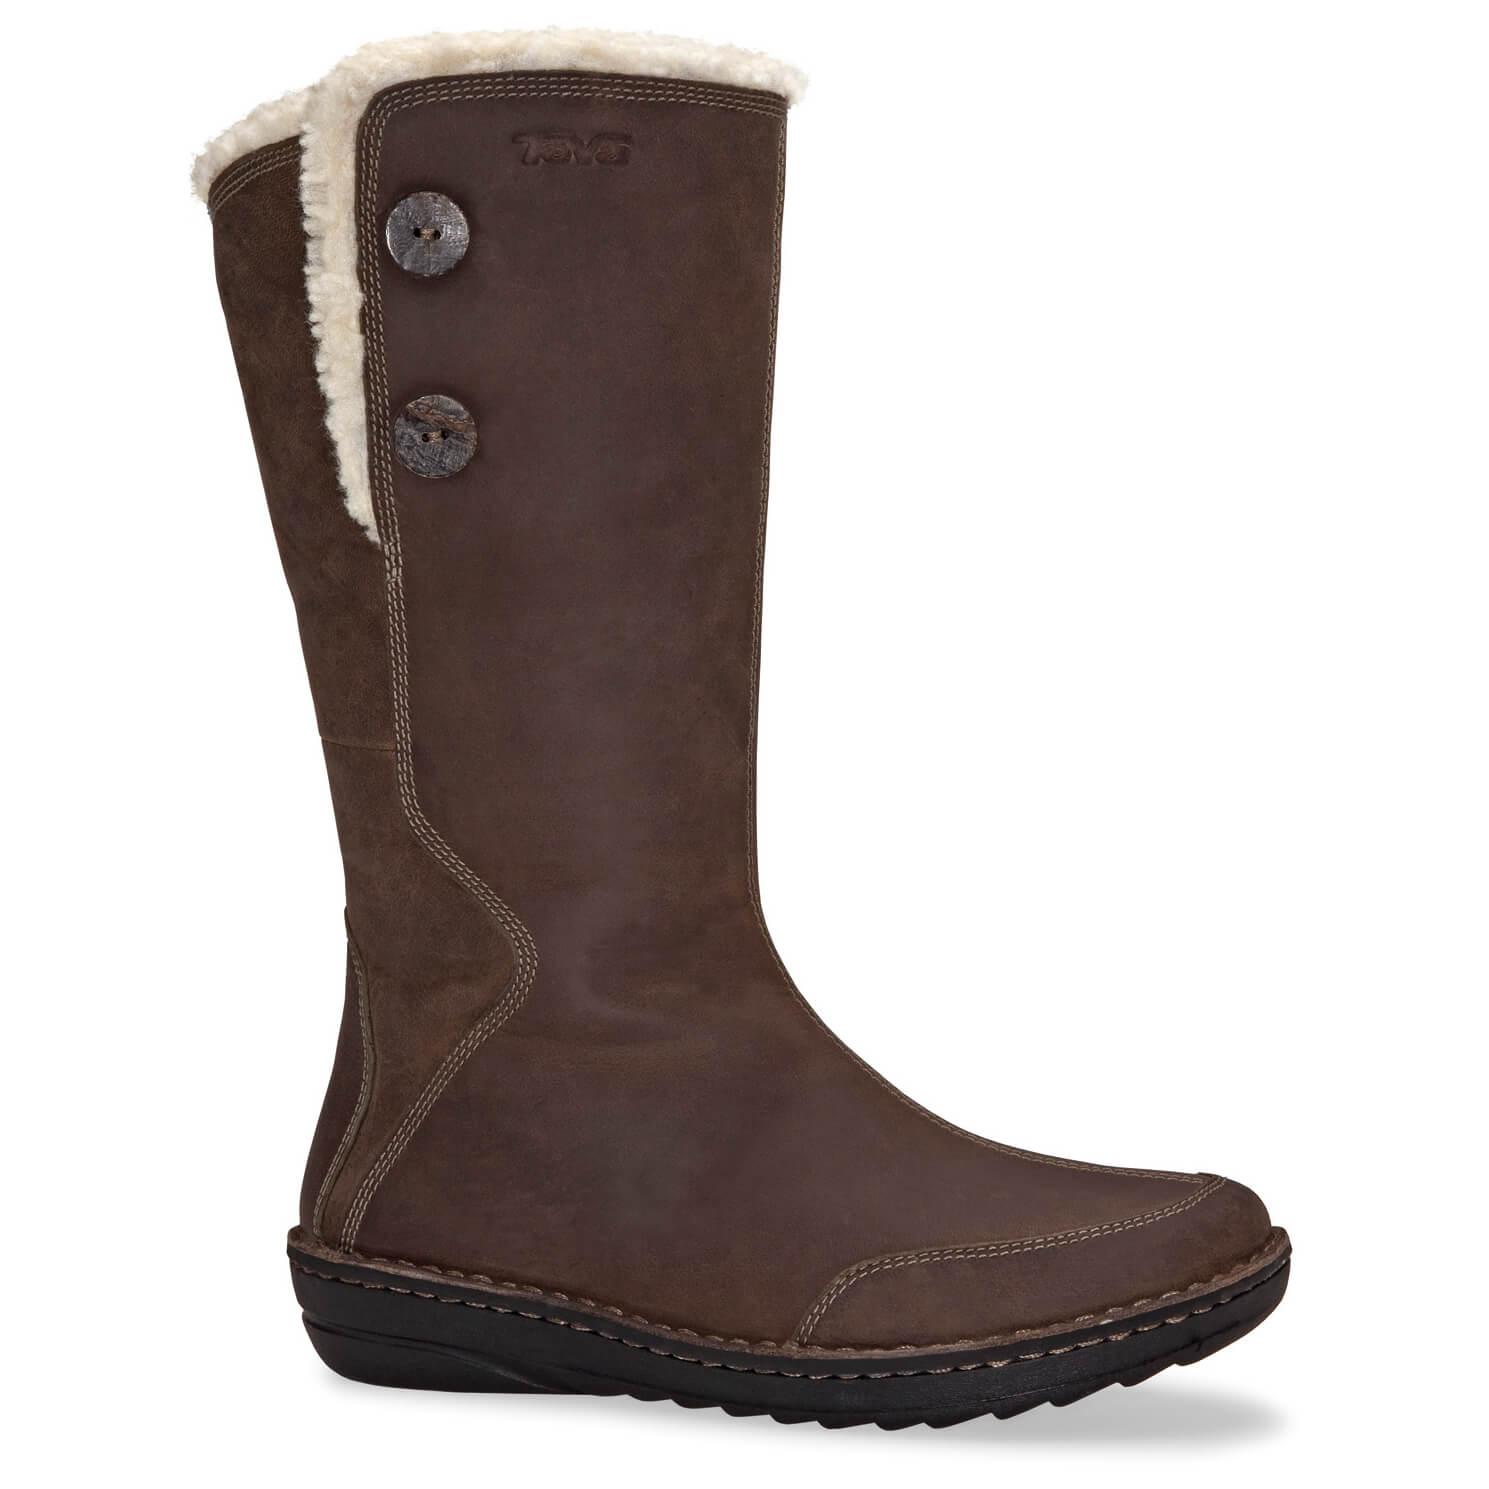 new concept fb15b 56d26 Teva - Womens Tonalea Boot - Winterstiefel Black Olive - 597be7 -  schlemme-zahntechnik.de